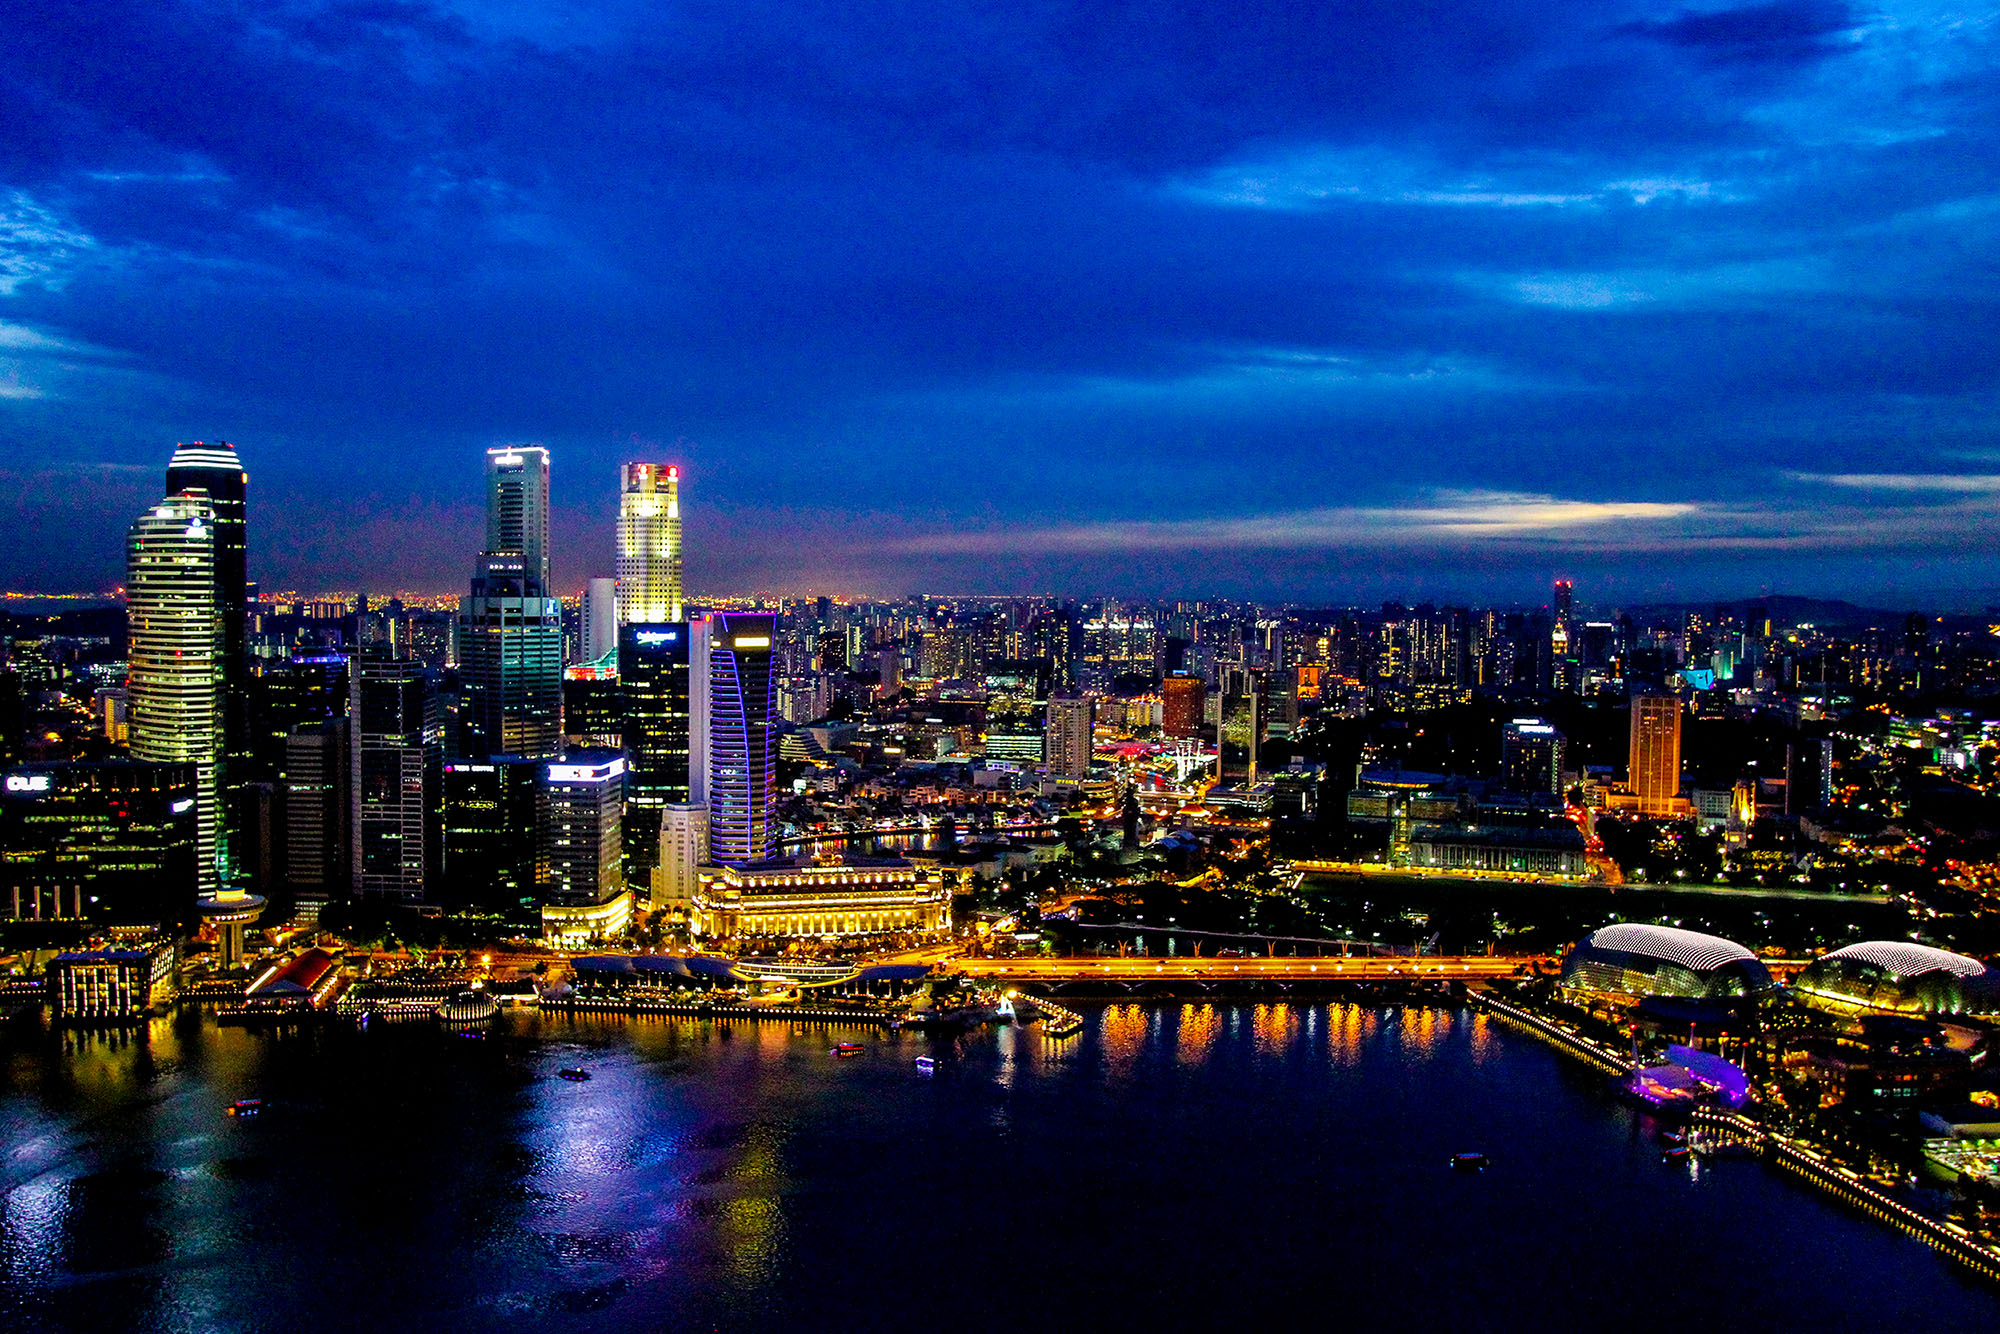 มาริน่า เบย์ สิงคโปร์  สิงคโปร์ เที่ยวเตร็ดเตร่ไปตาม 5 ย่านยอดฮิตที่ไม่ควรพลาด IMG 9708